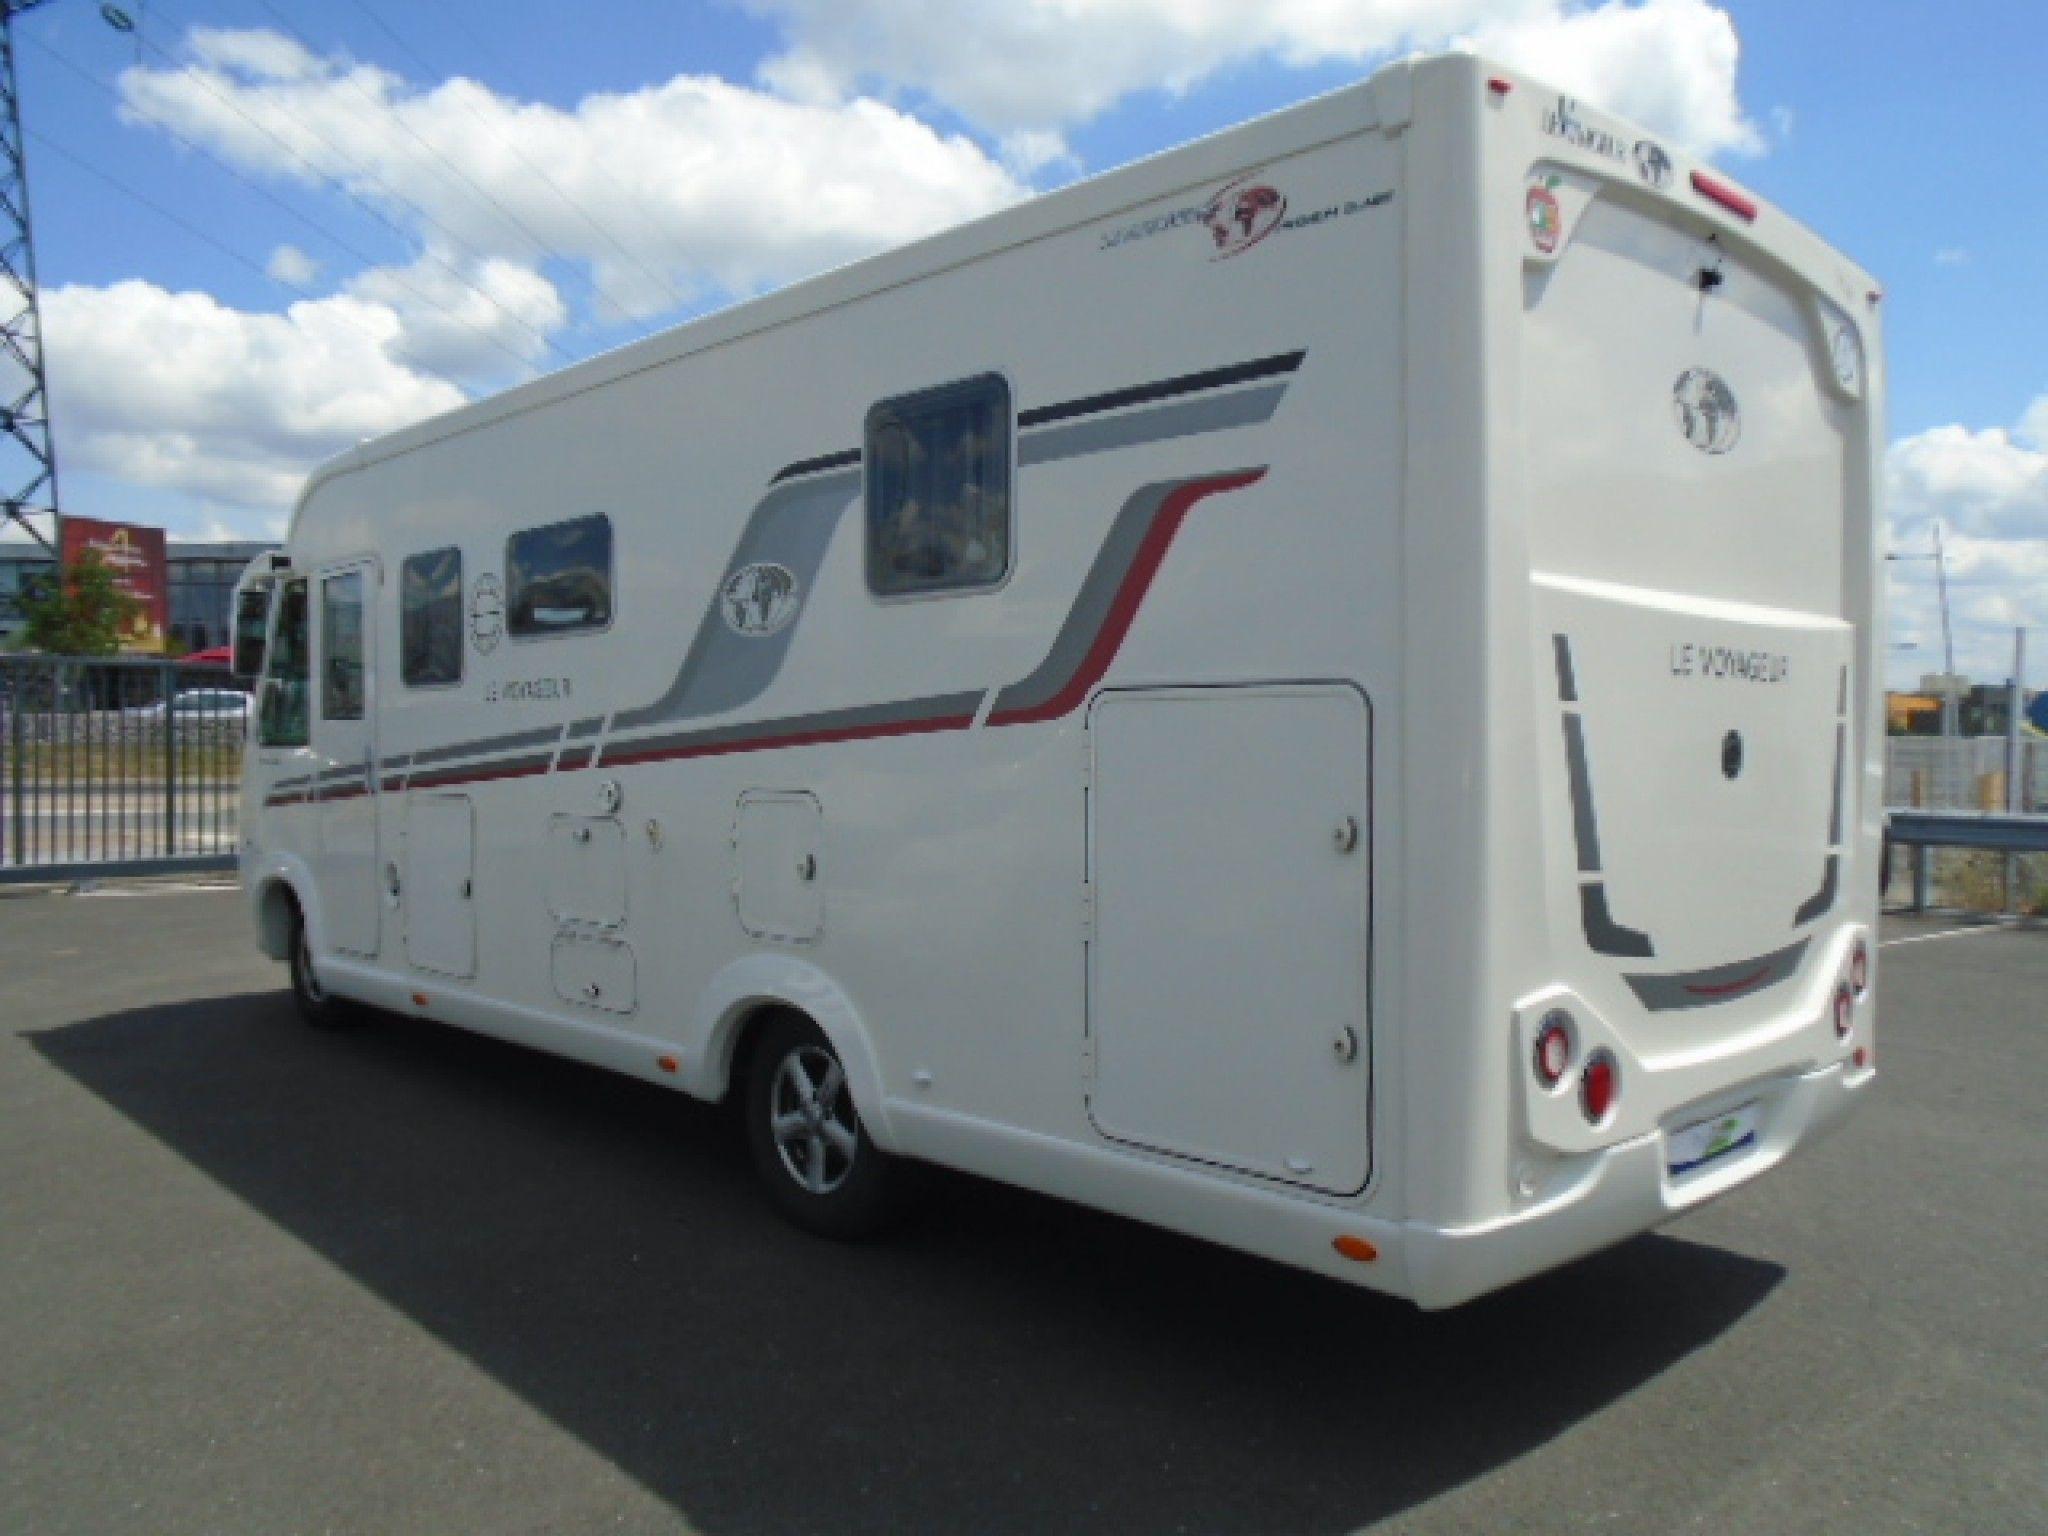 le voyageur lv850 occasion de 2013 - fiat - camping car en vente  u00e0 reze  loire atlantique